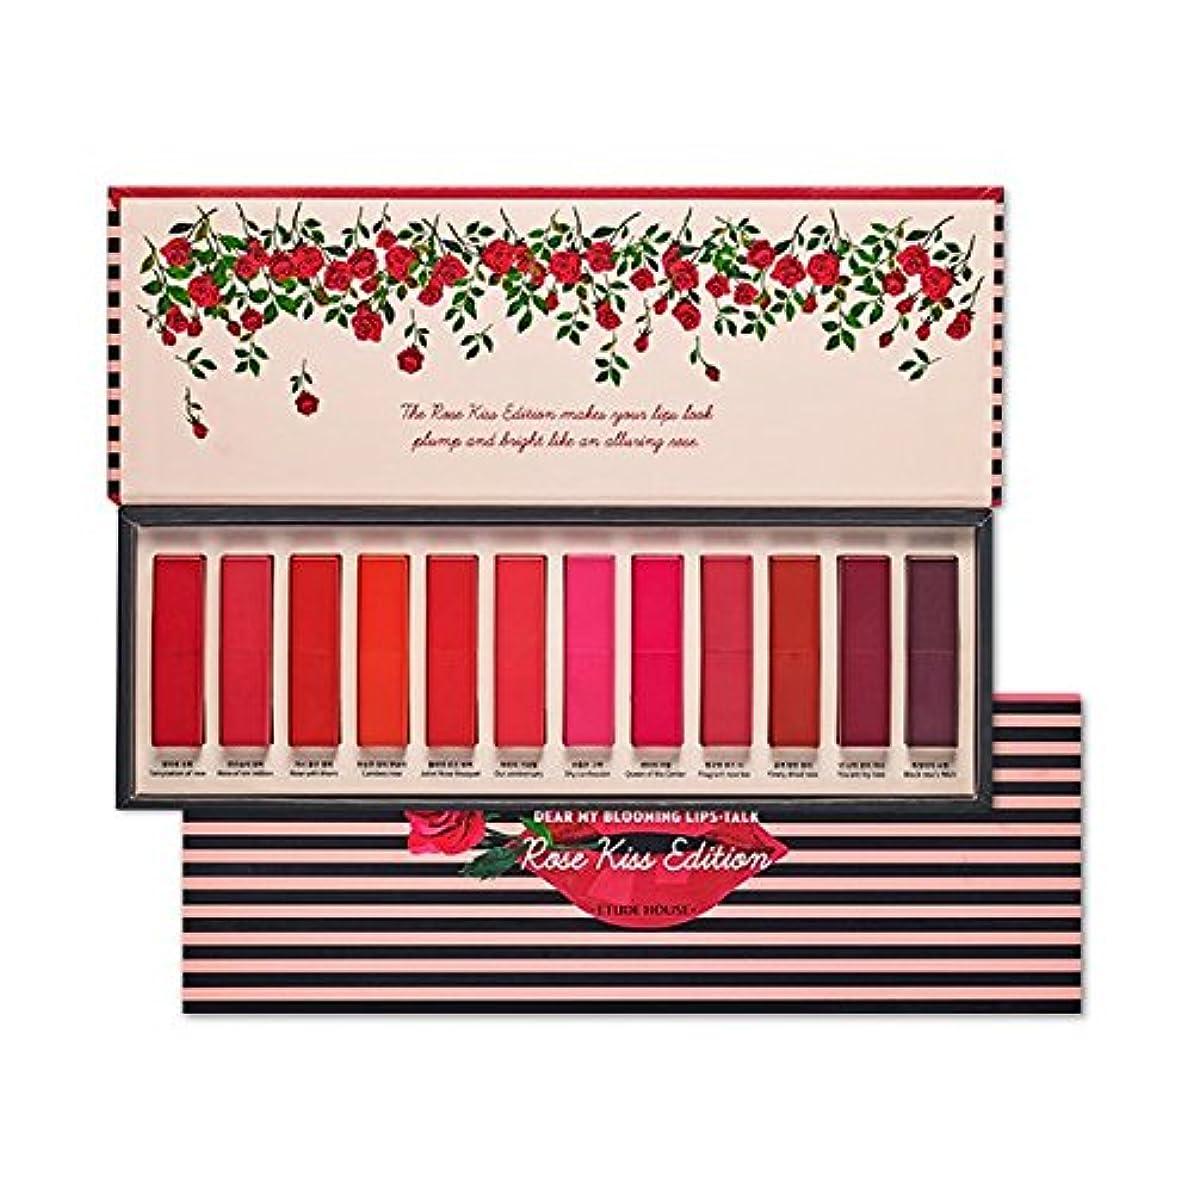 暴徒トリクル登山家【限定版】 エチュードハウス ディアマイブルーミングリップストーク 「ローズキス エディション」/ETUDE HOUSE Dear My Blooming Lips-Talk Rose Kiss Edition 1.5g...